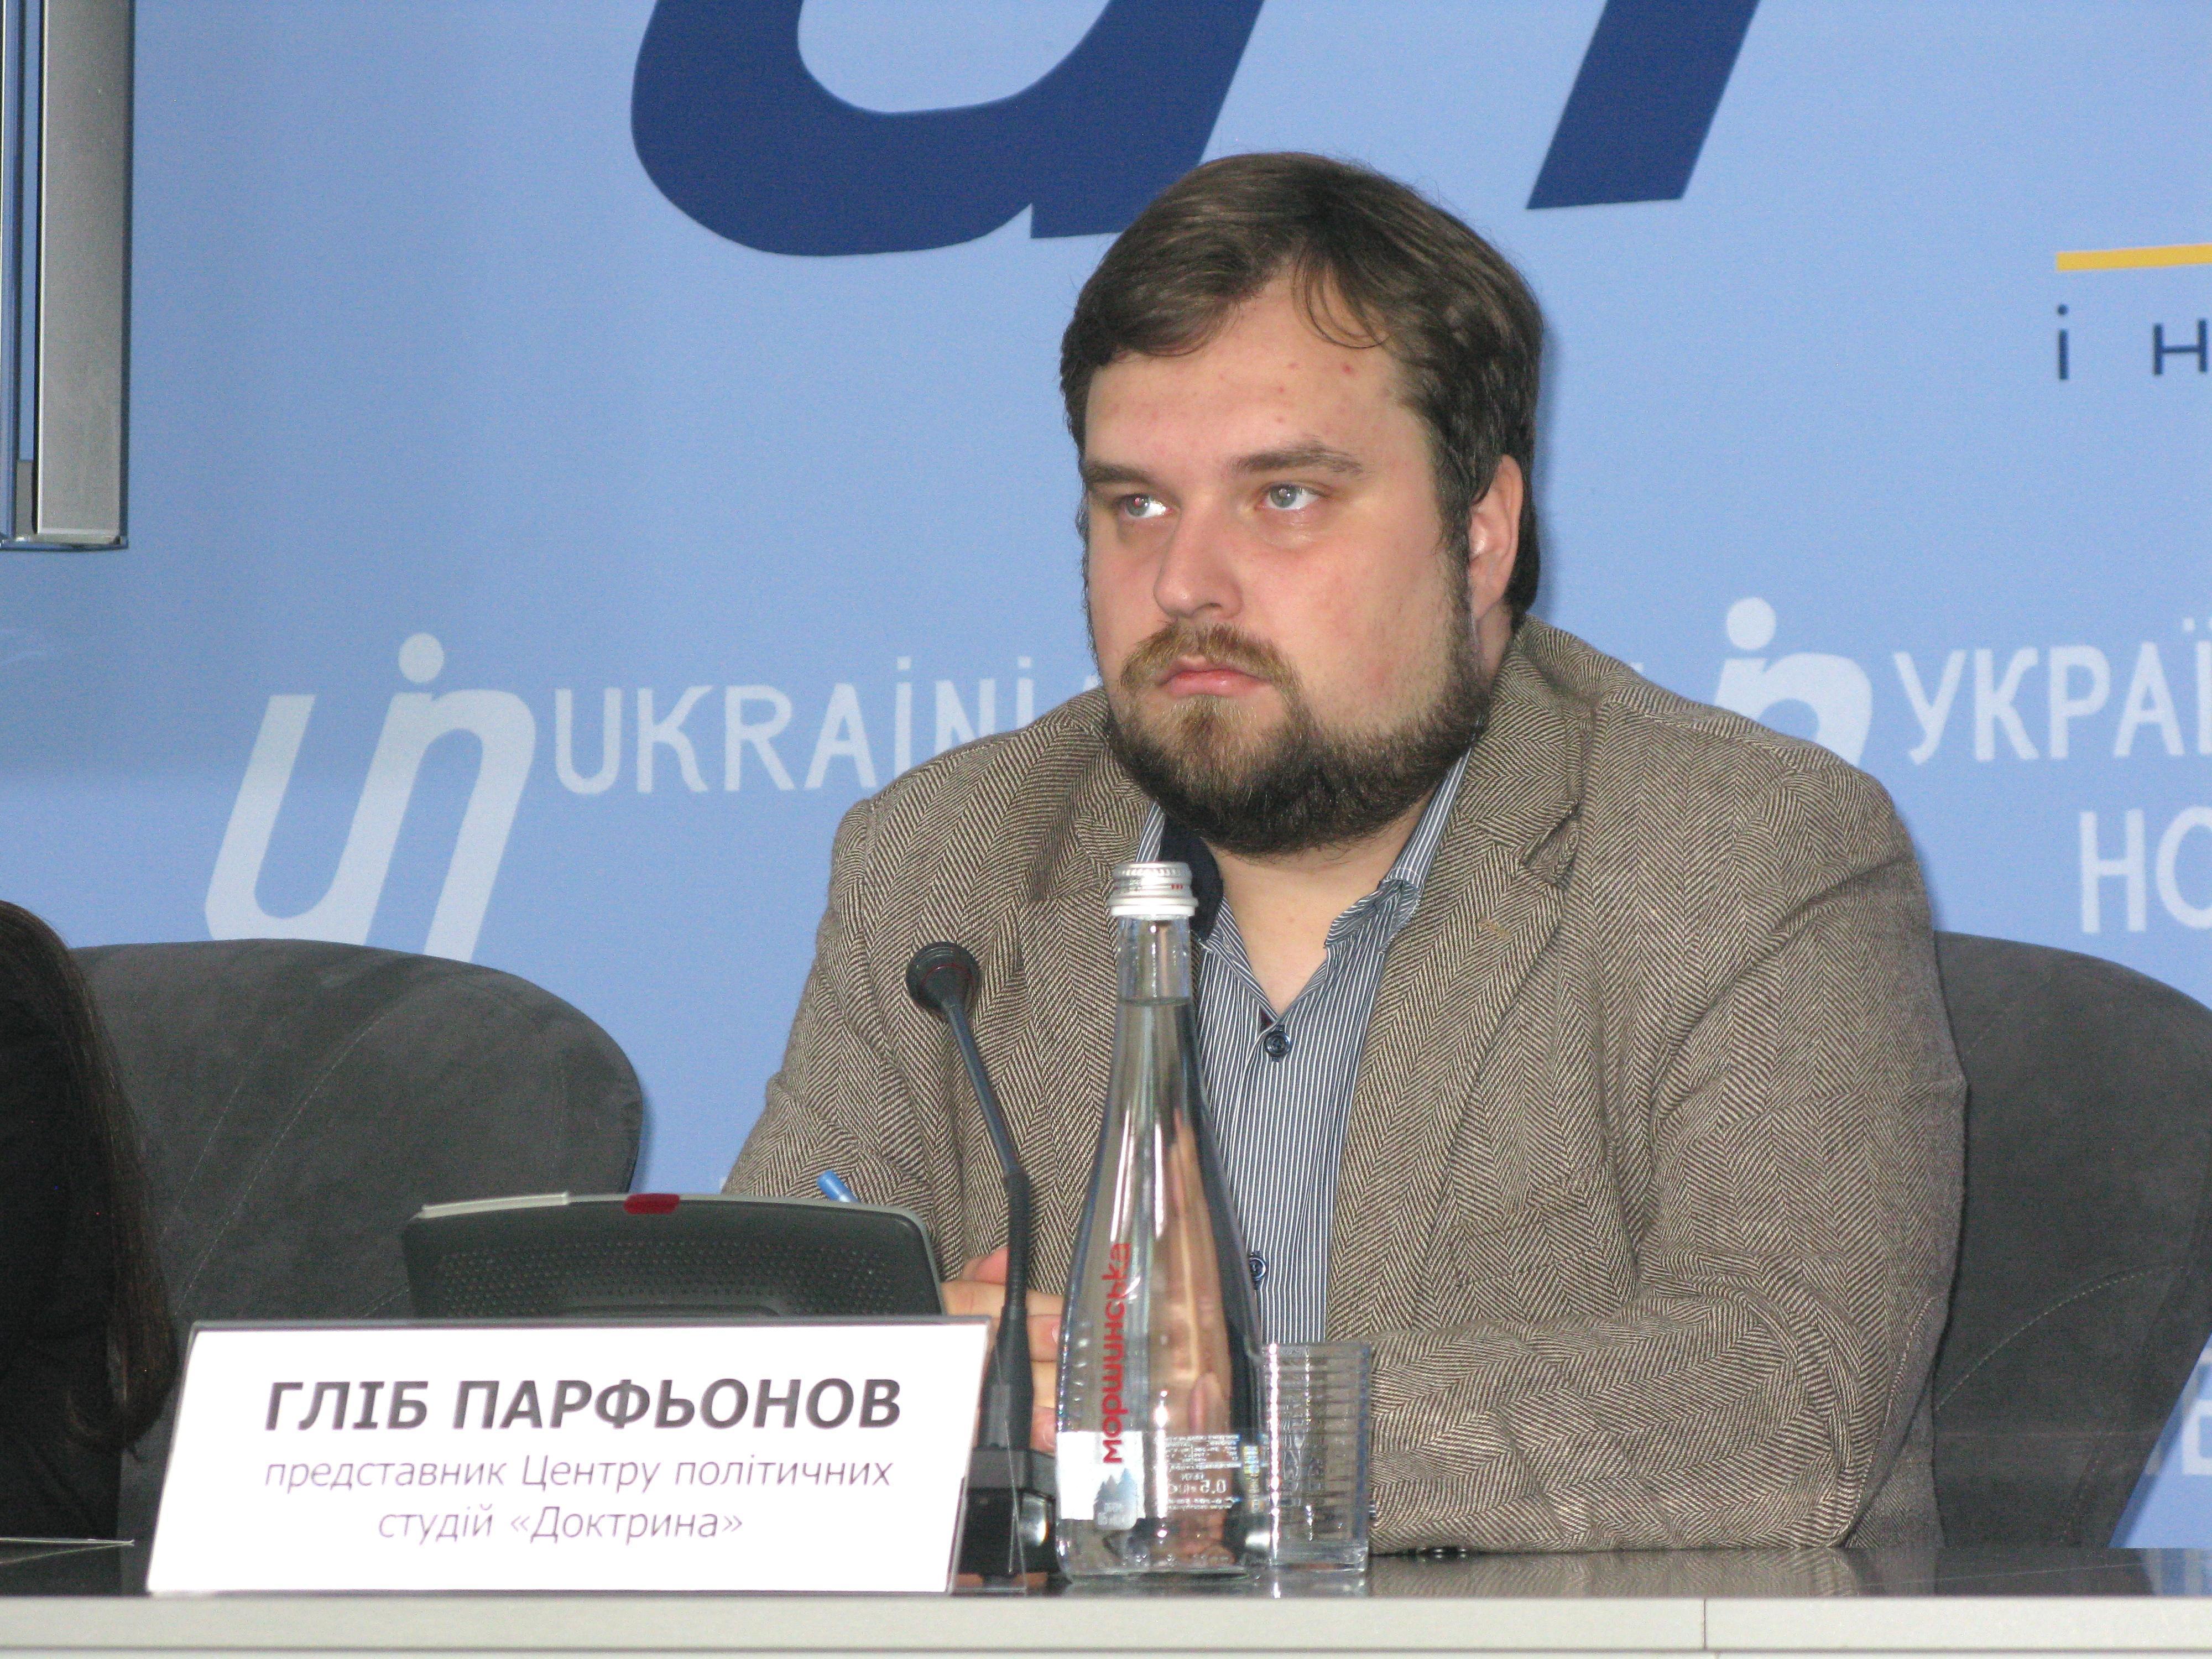 Qleb Parfyonov